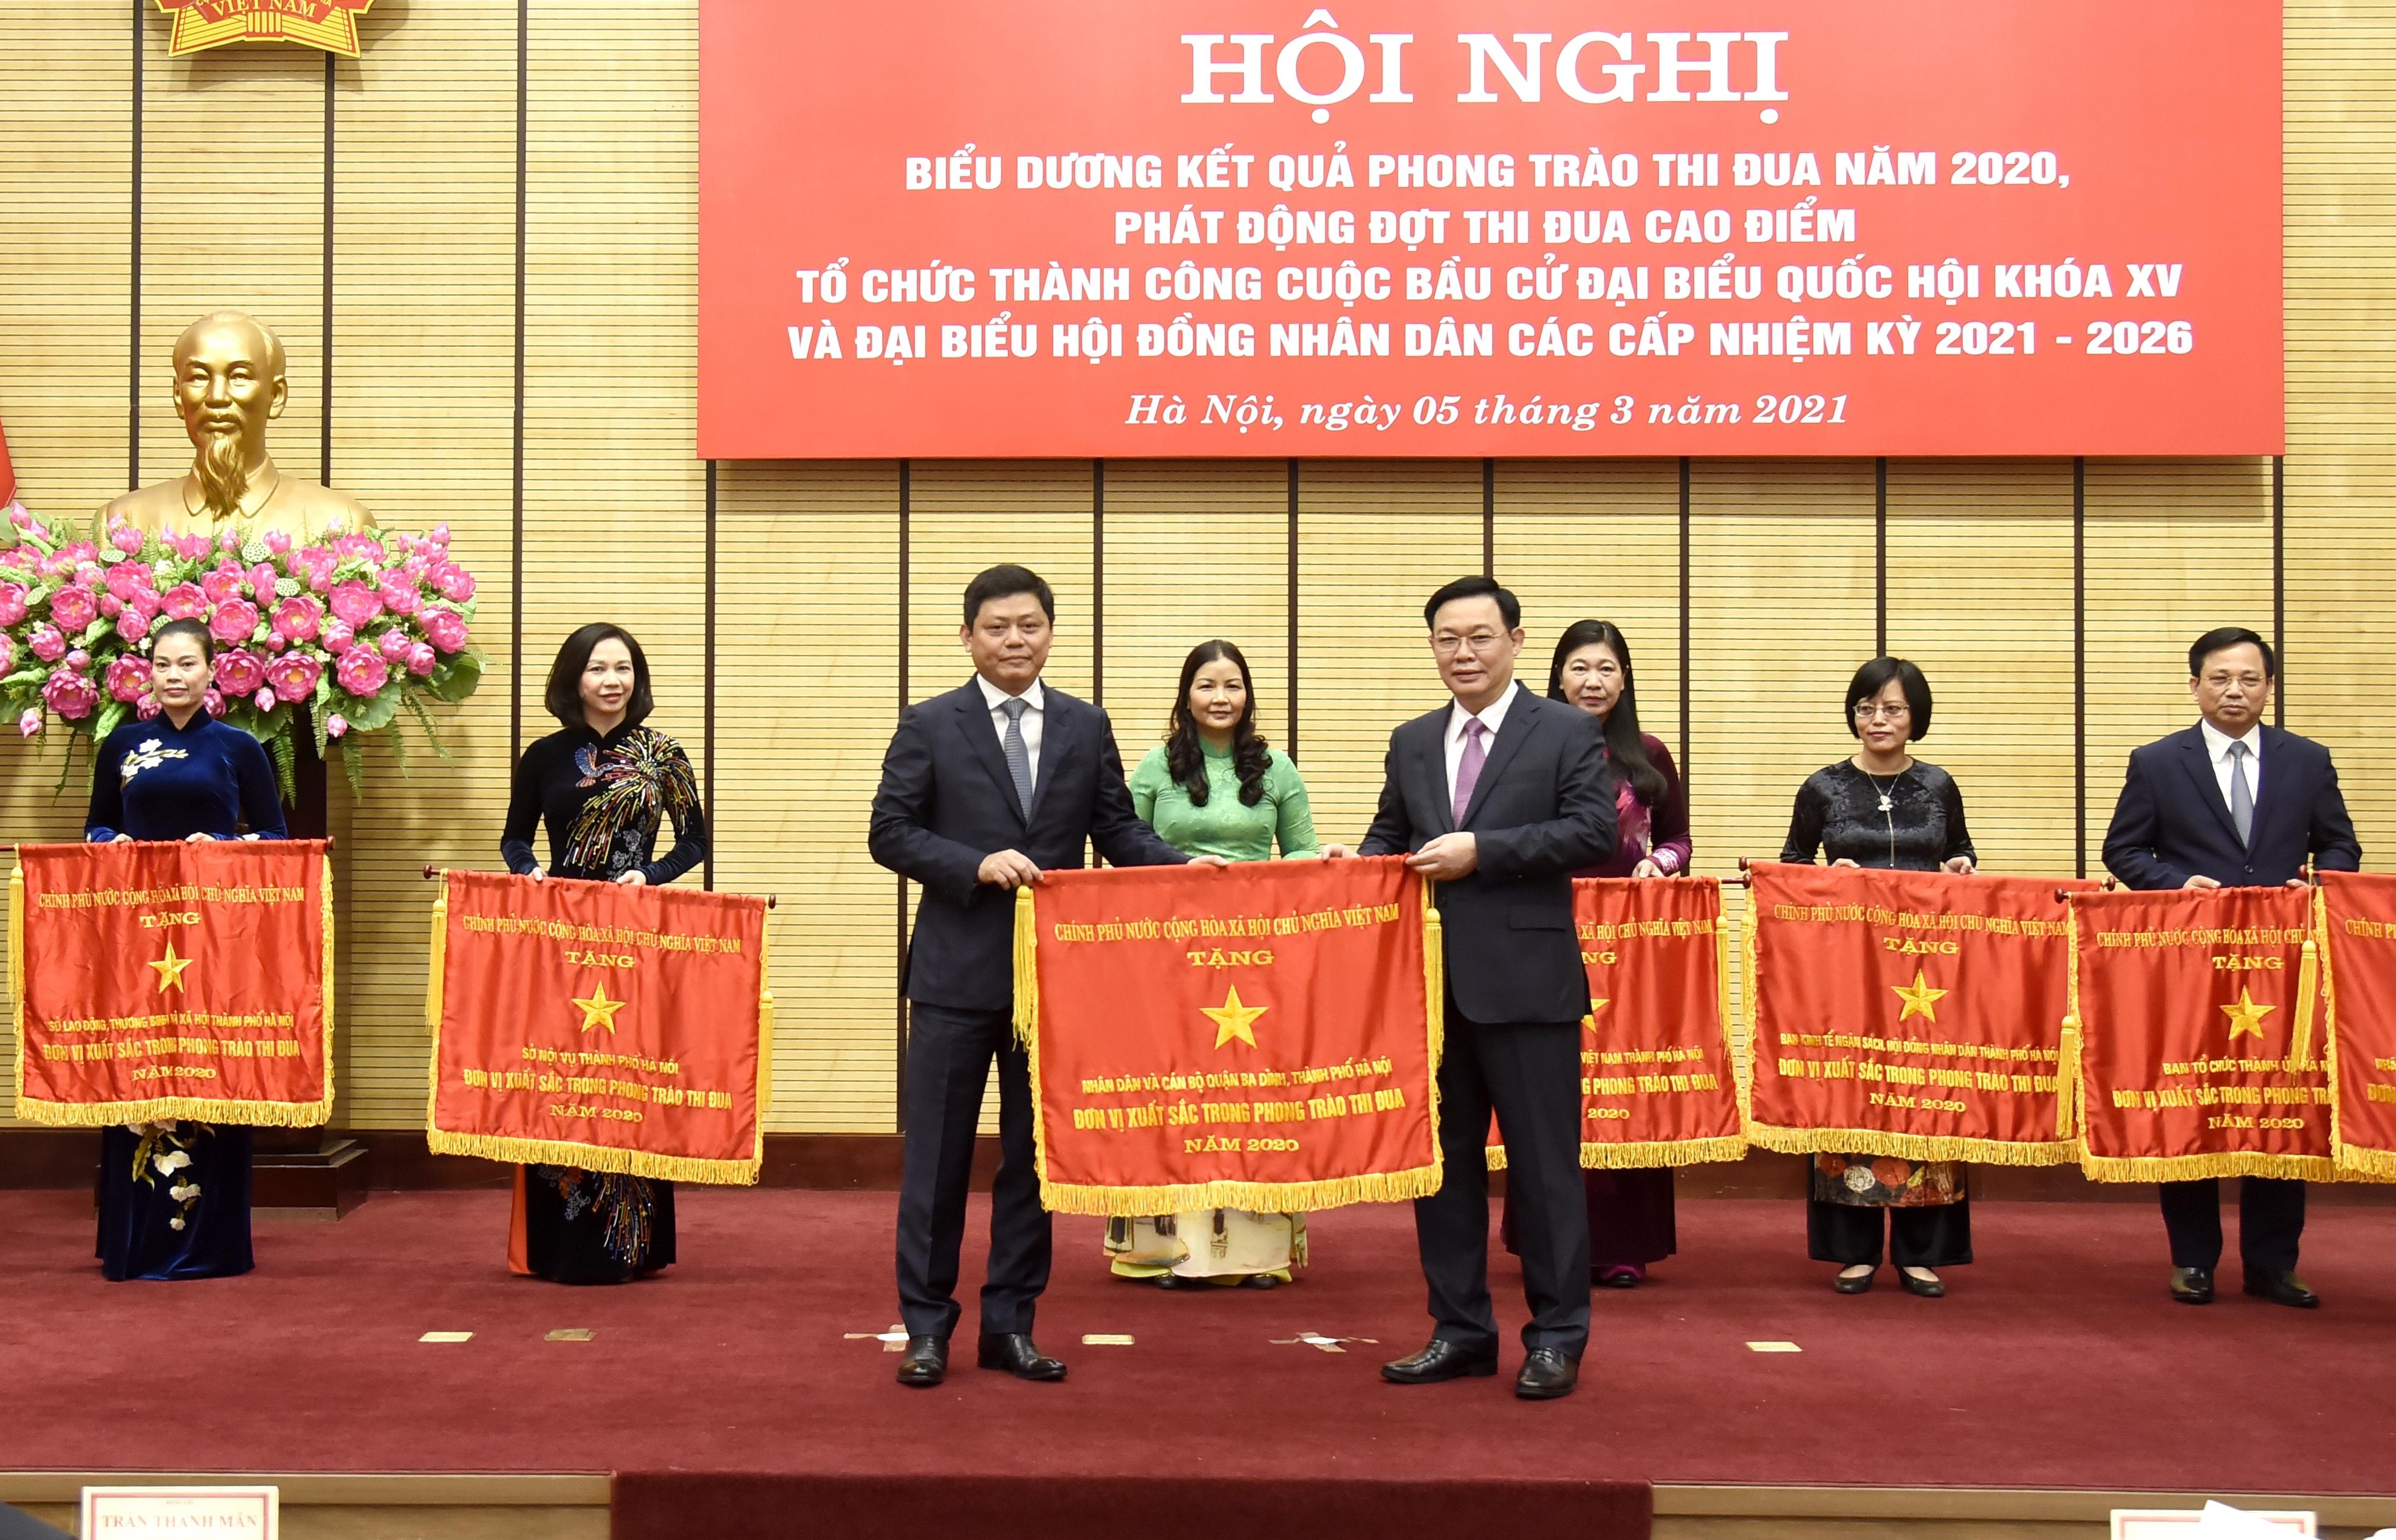 Hà Nội: Phát động đợt thi đua cao điểm tổ chức thành công công tác bầu cử